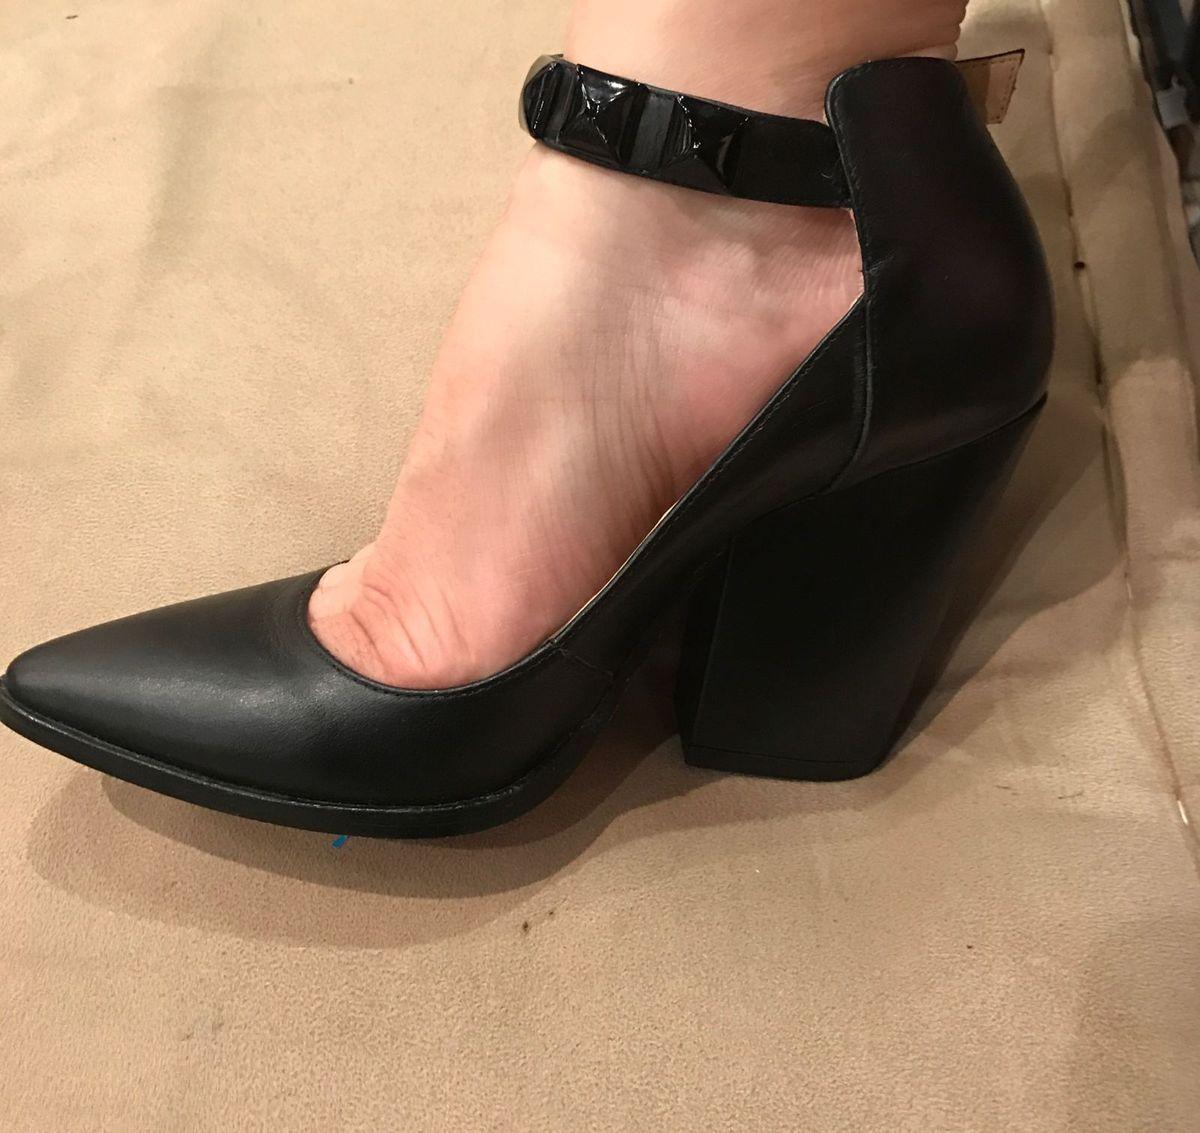 e6164ebe6d sapato estilo boneca - sapatos luiza barcelos.  Czm6ly9wag90b3muzw5qb2vplmnvbs5ici9wcm9kdwn0cy81ntk1ntk1lzdkmjc2y2u3ogu2ownlotrjzdywytc3ndeymtyyodiylmpwzw  ...